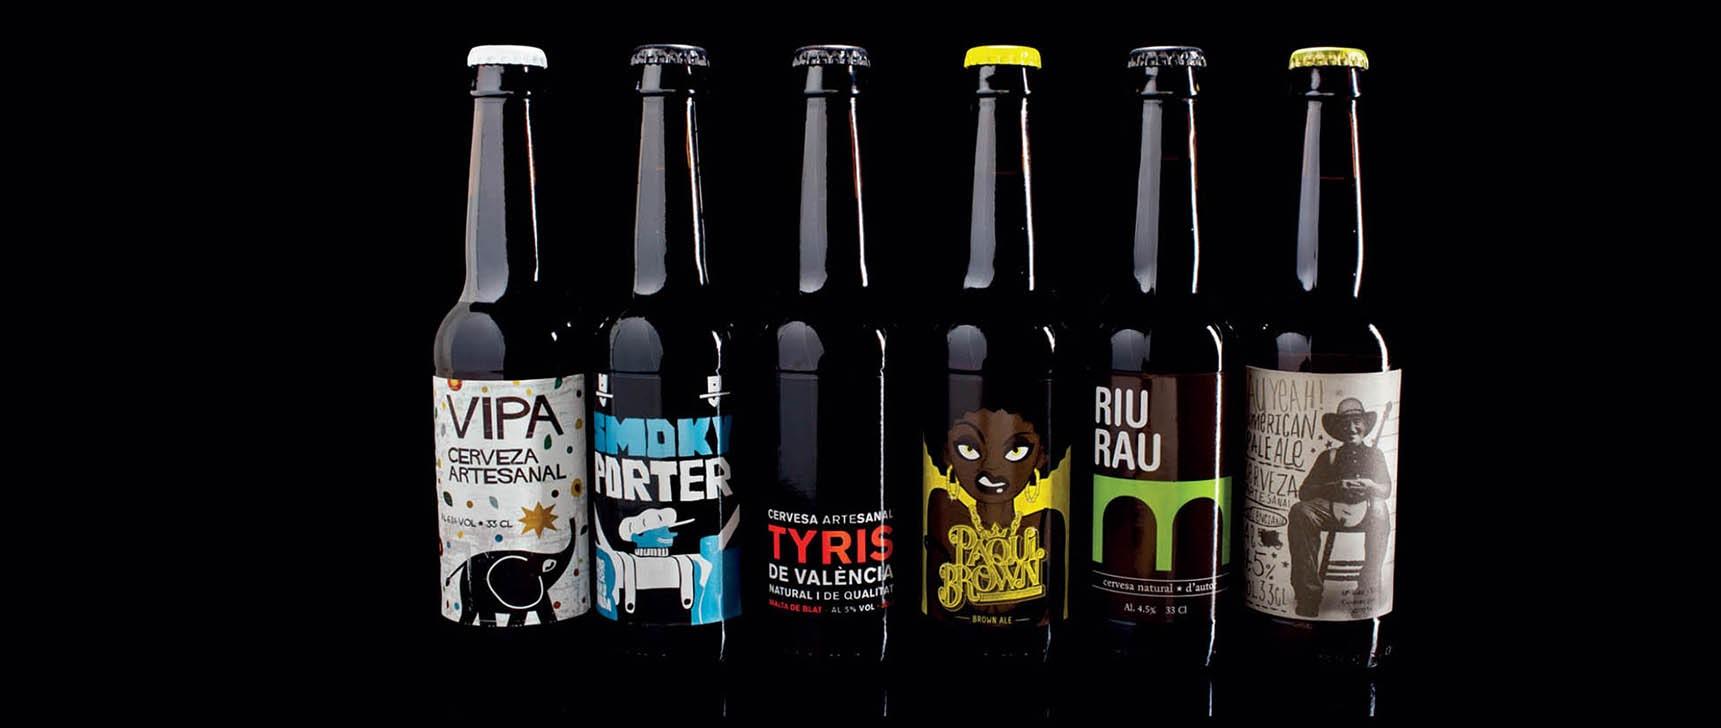 Cervezas Tyris - StylusGastro.com